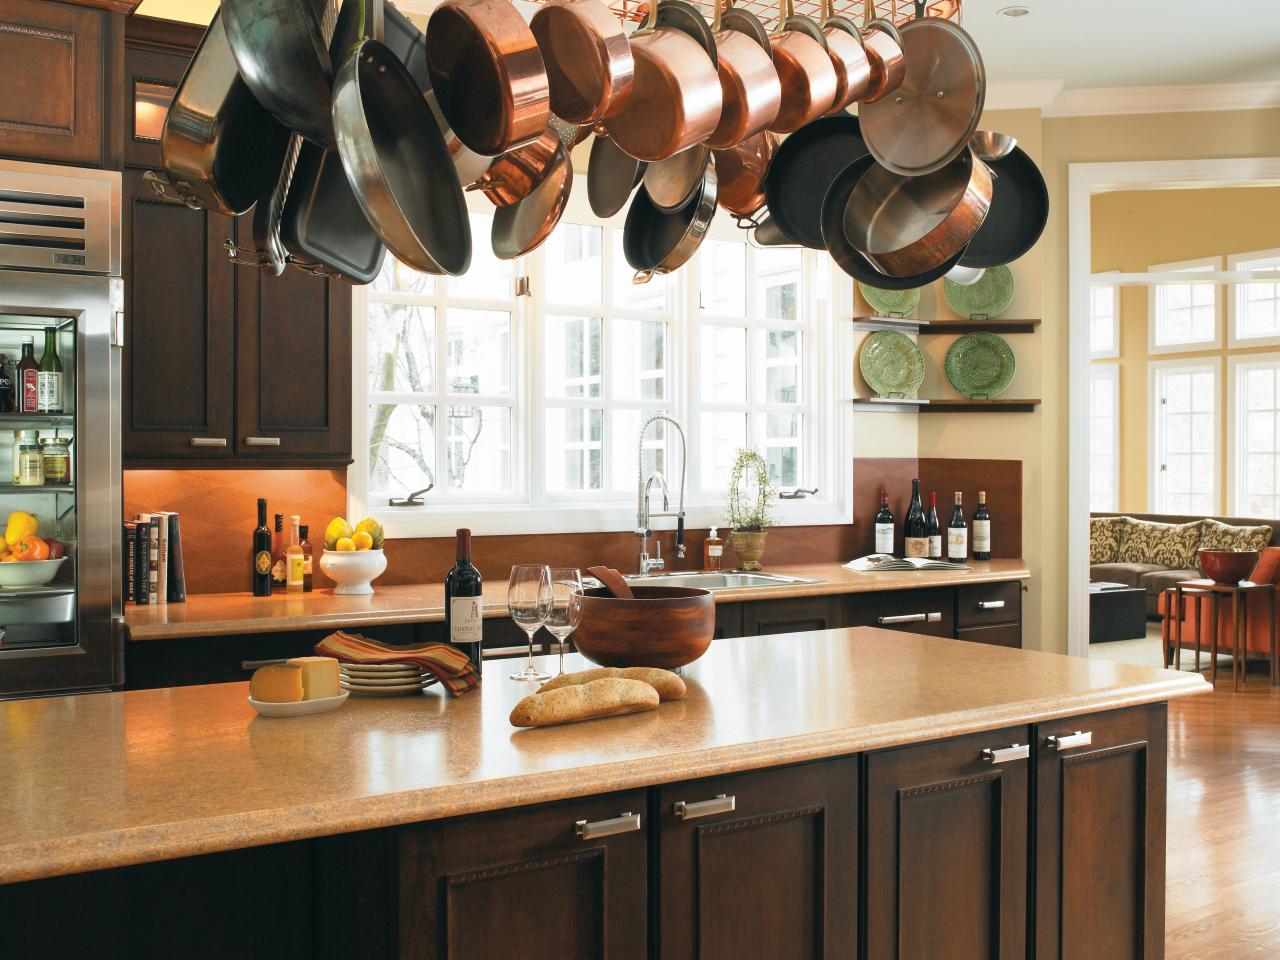 kitchen island design ideas - Kitchen Remodel Ideas With Islands